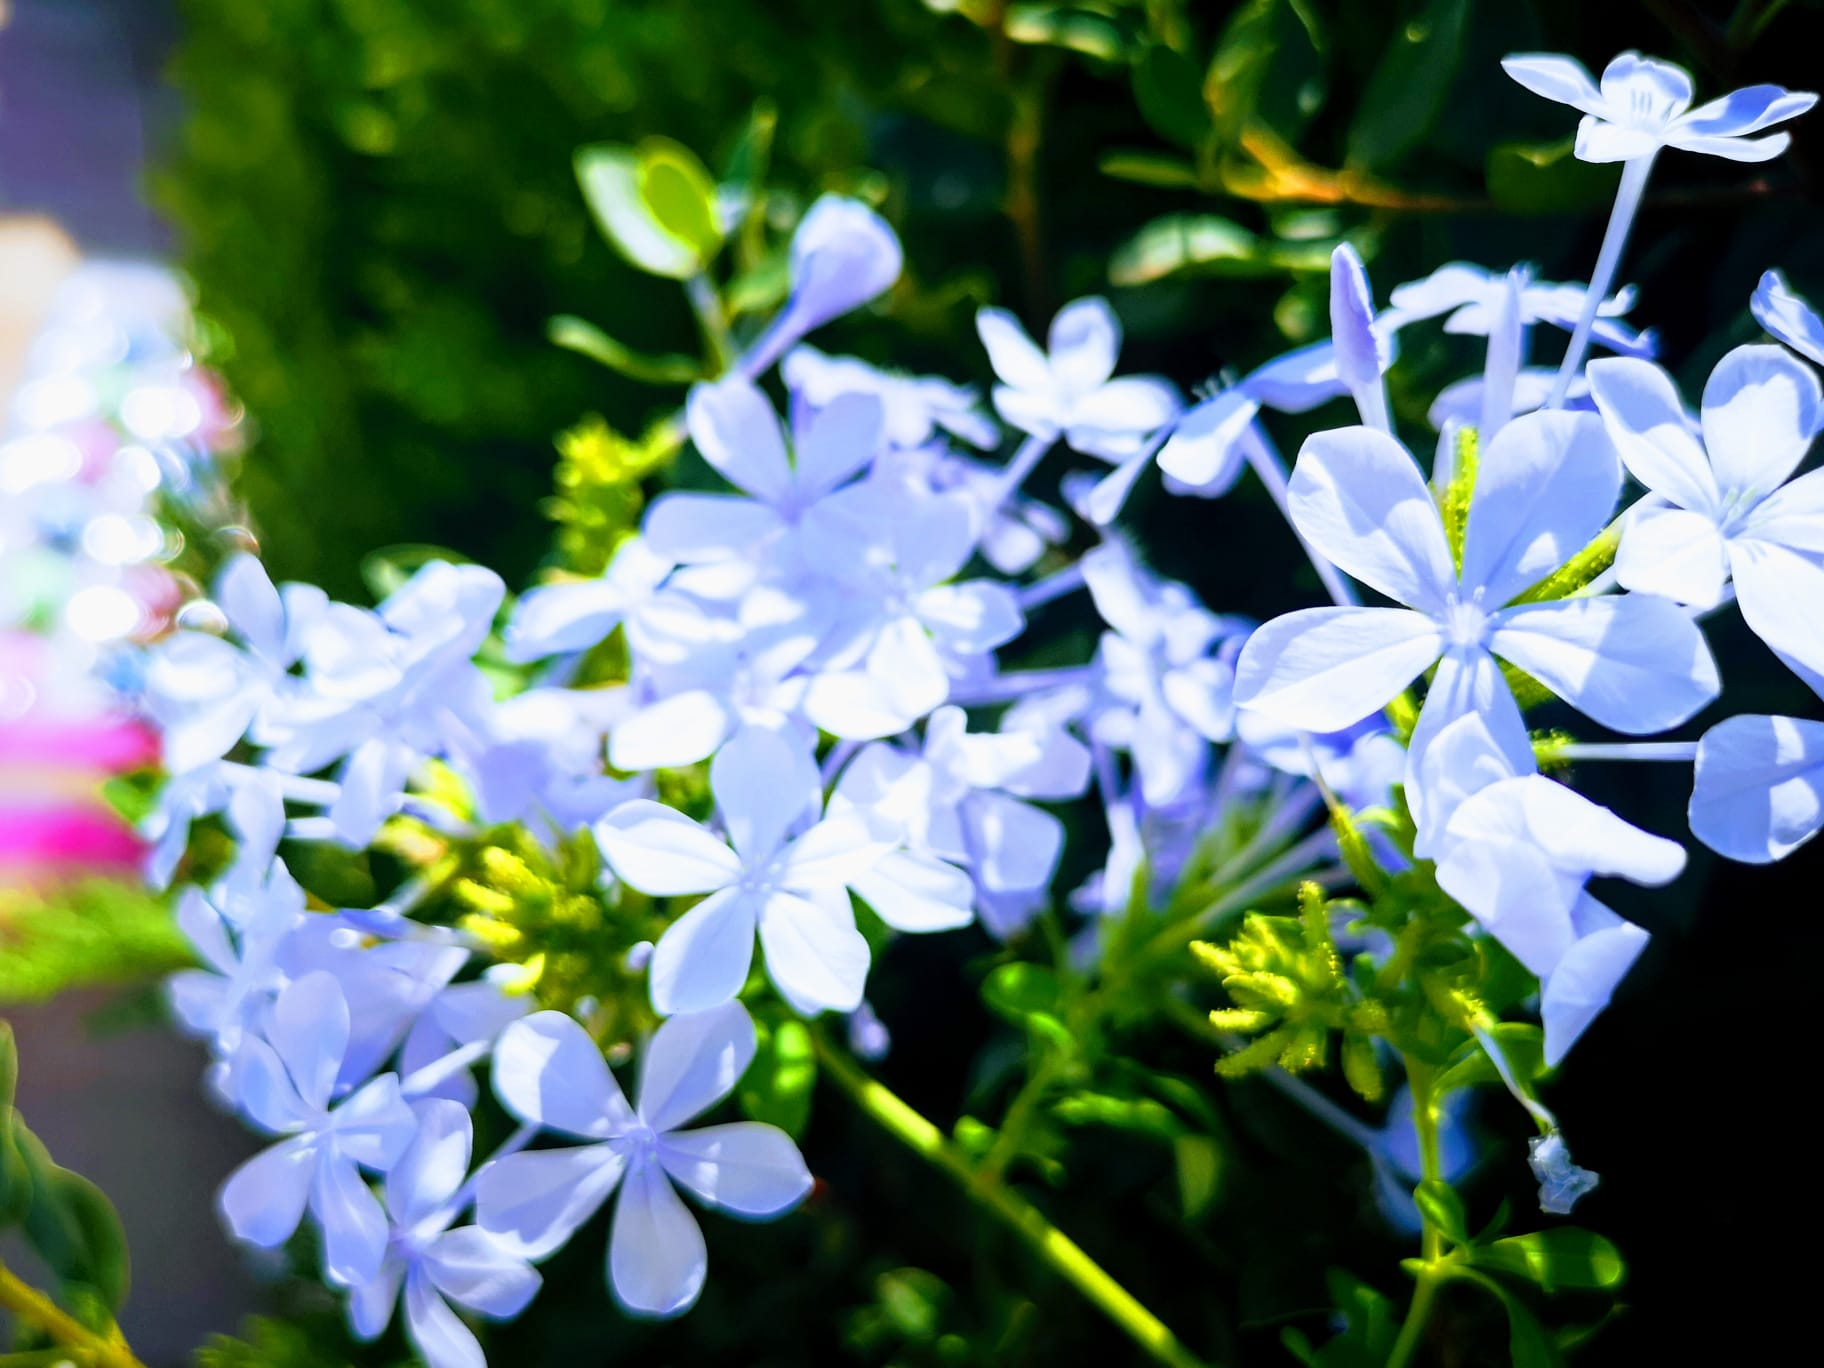 Plumbago, im Sommer blüht er überall - Merci Jonas